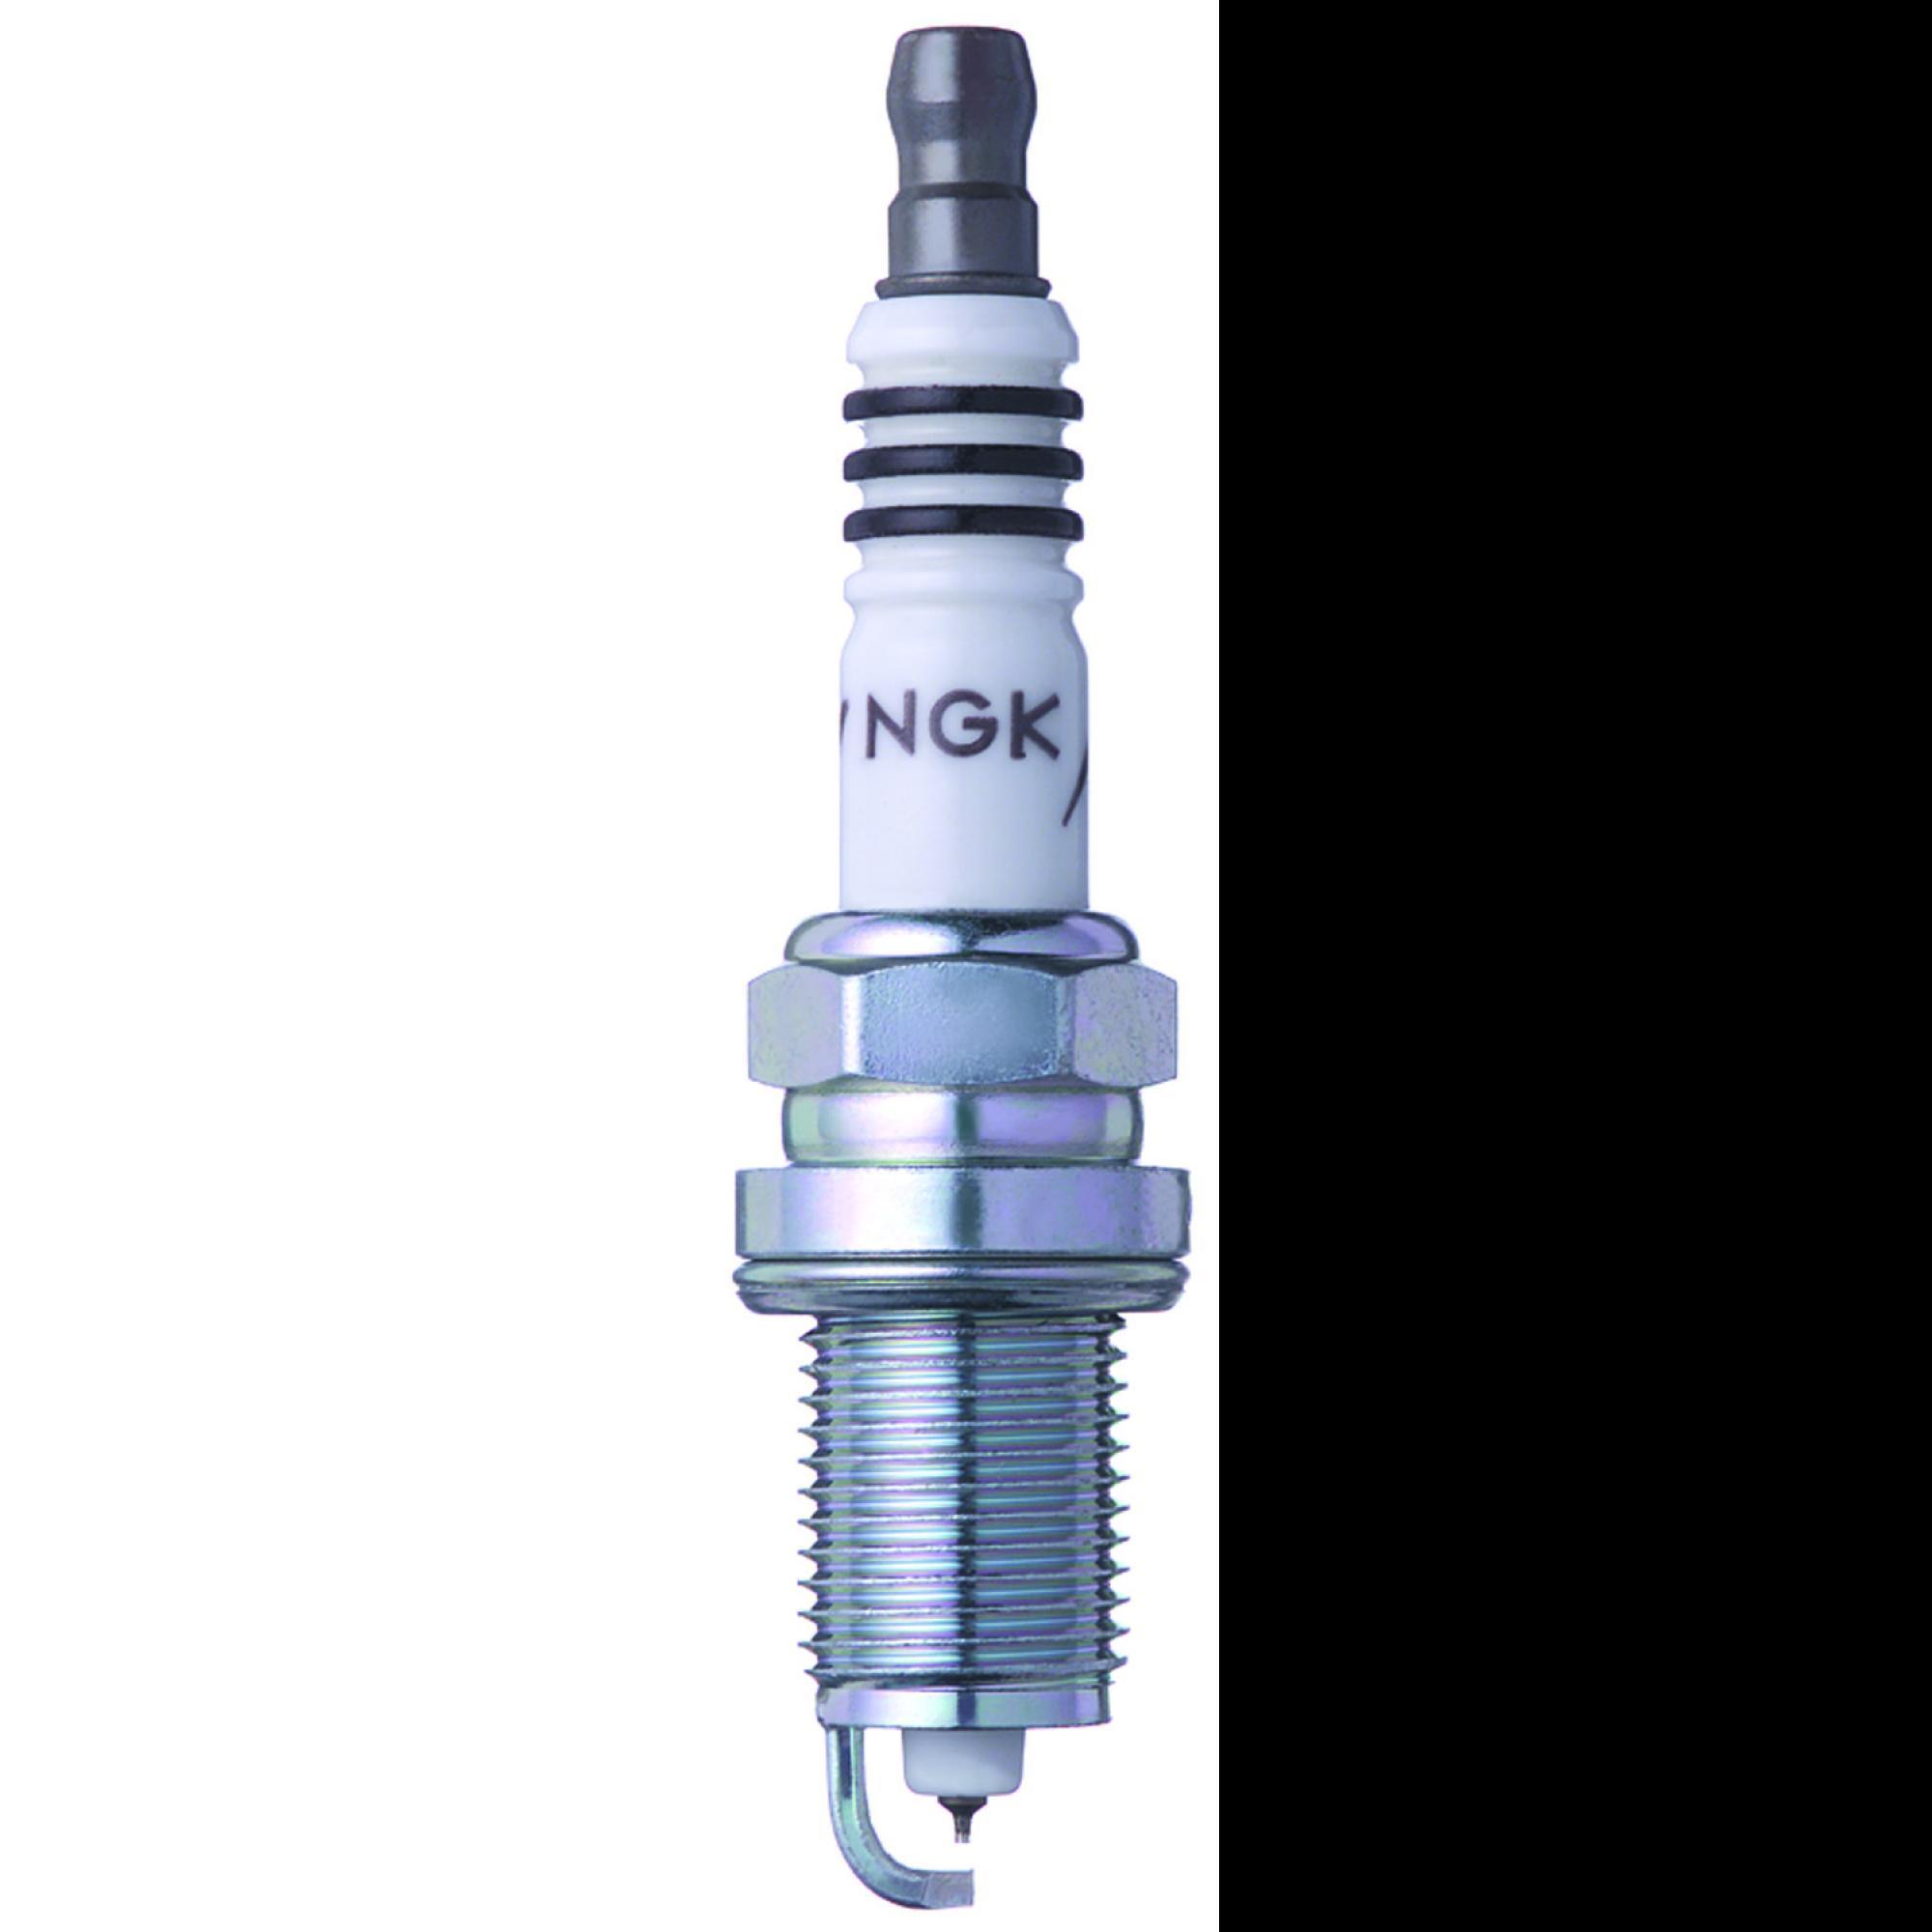 NGK Spark Plug IZFR5G